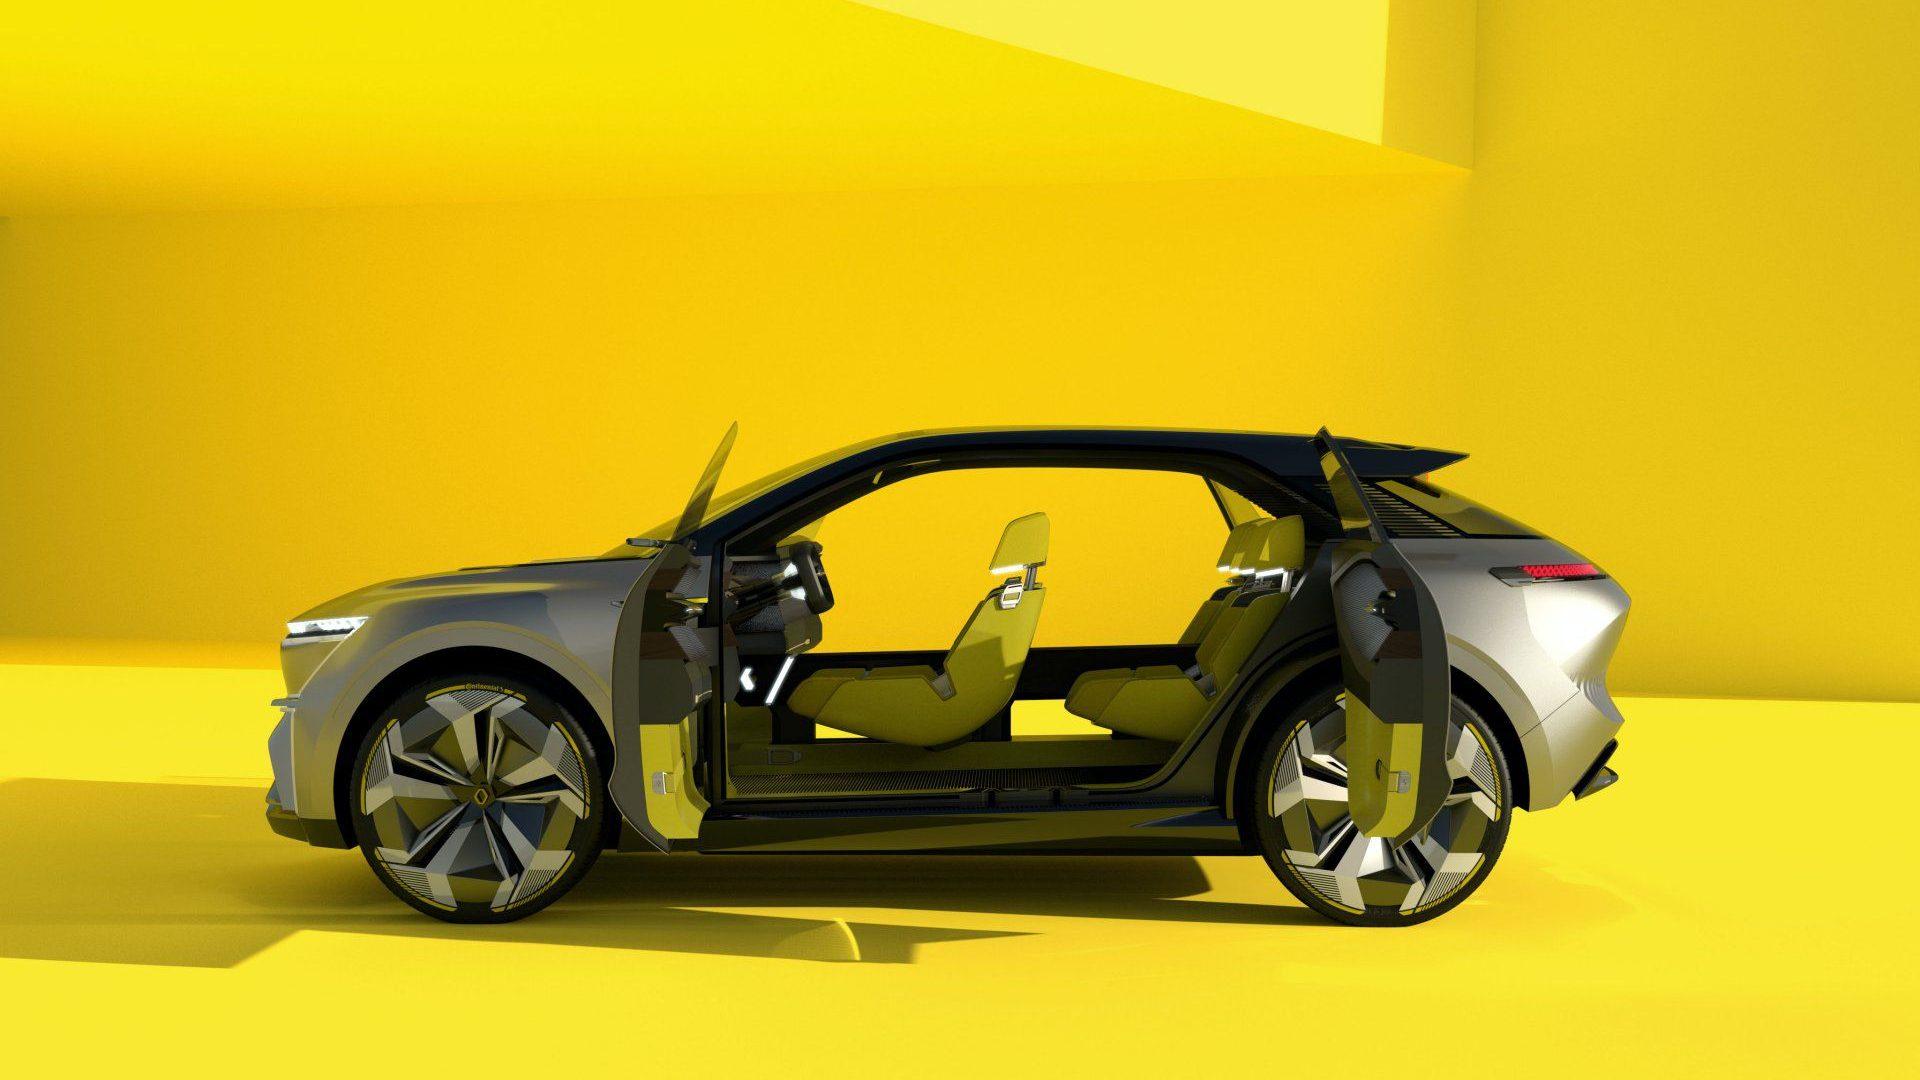 2020-Renault-Morphoz-Concept-024